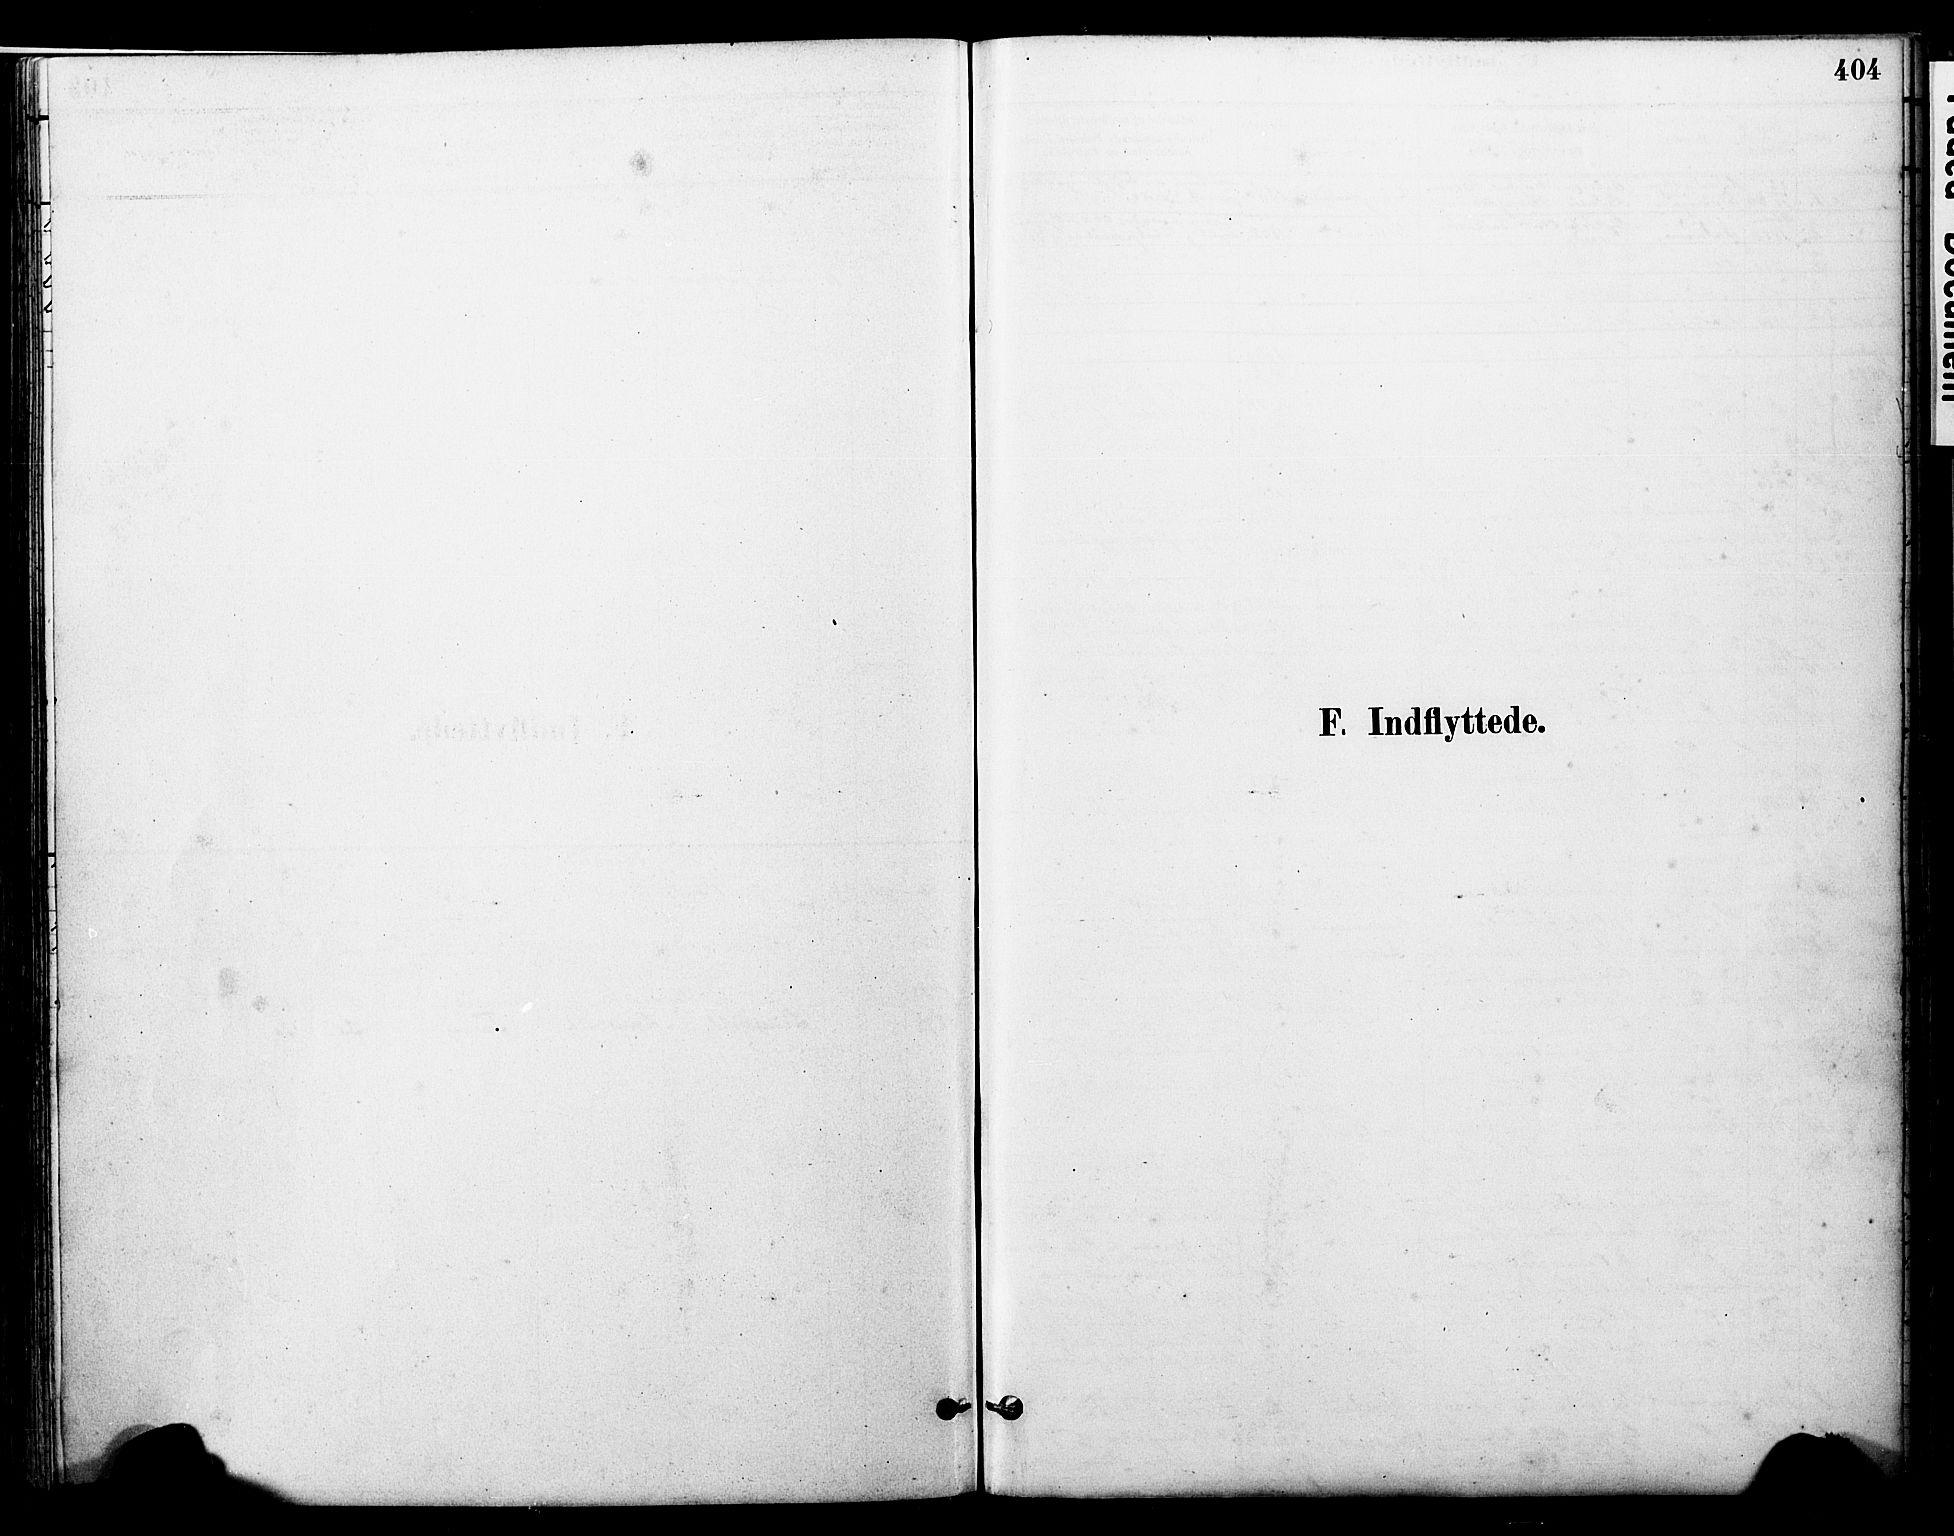 SAT, Ministerialprotokoller, klokkerbøker og fødselsregistre - Nord-Trøndelag, 723/L0244: Ministerialbok nr. 723A13, 1881-1899, s. 404